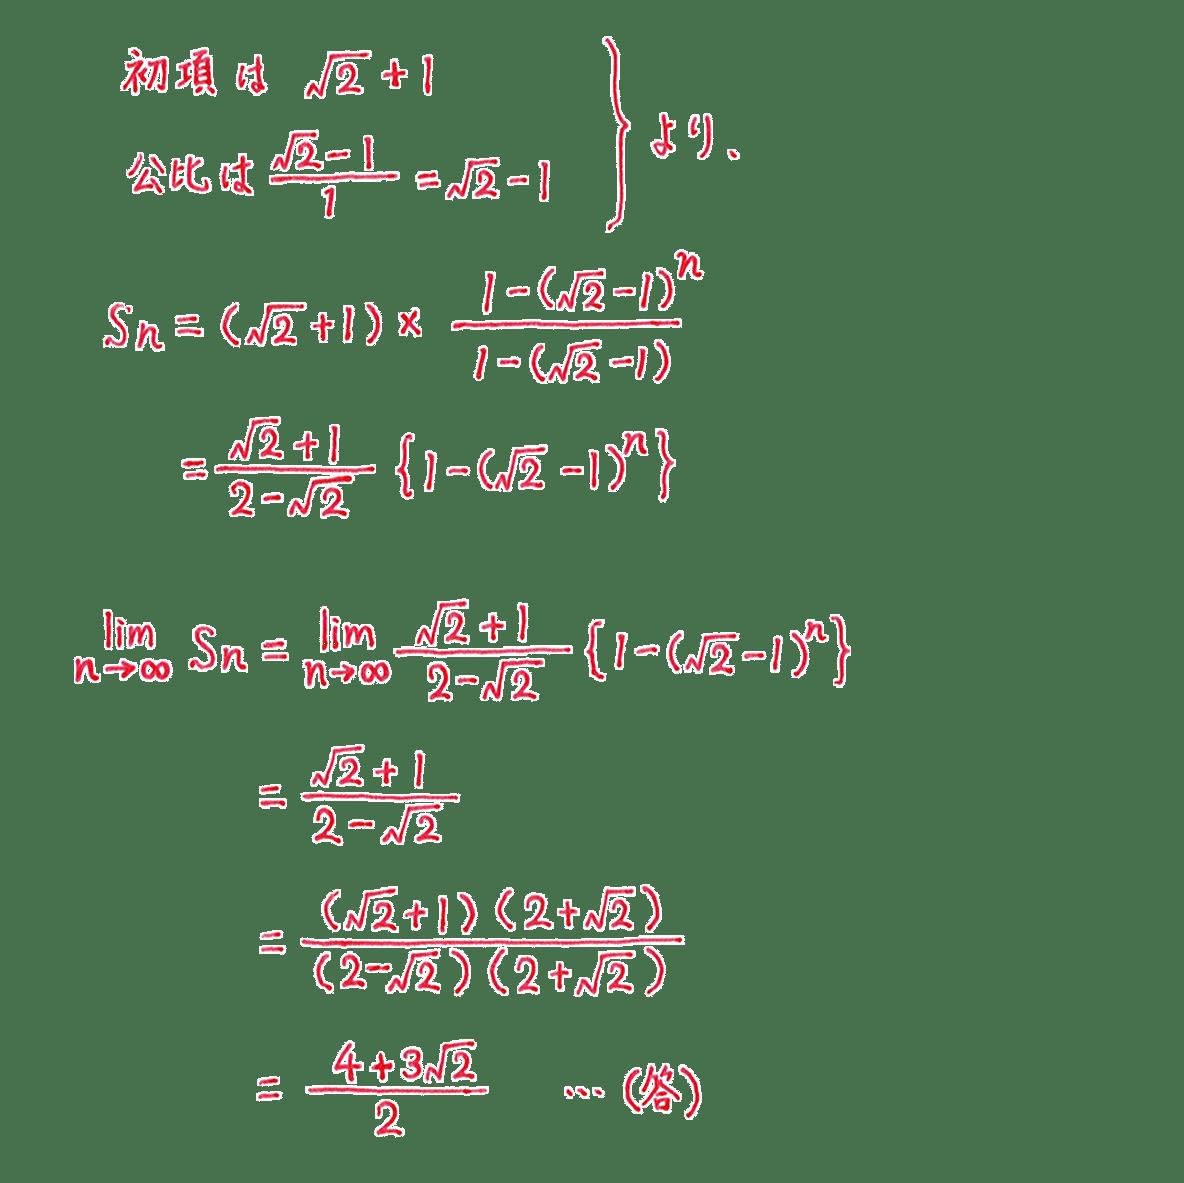 極限15 問題 解答すべて